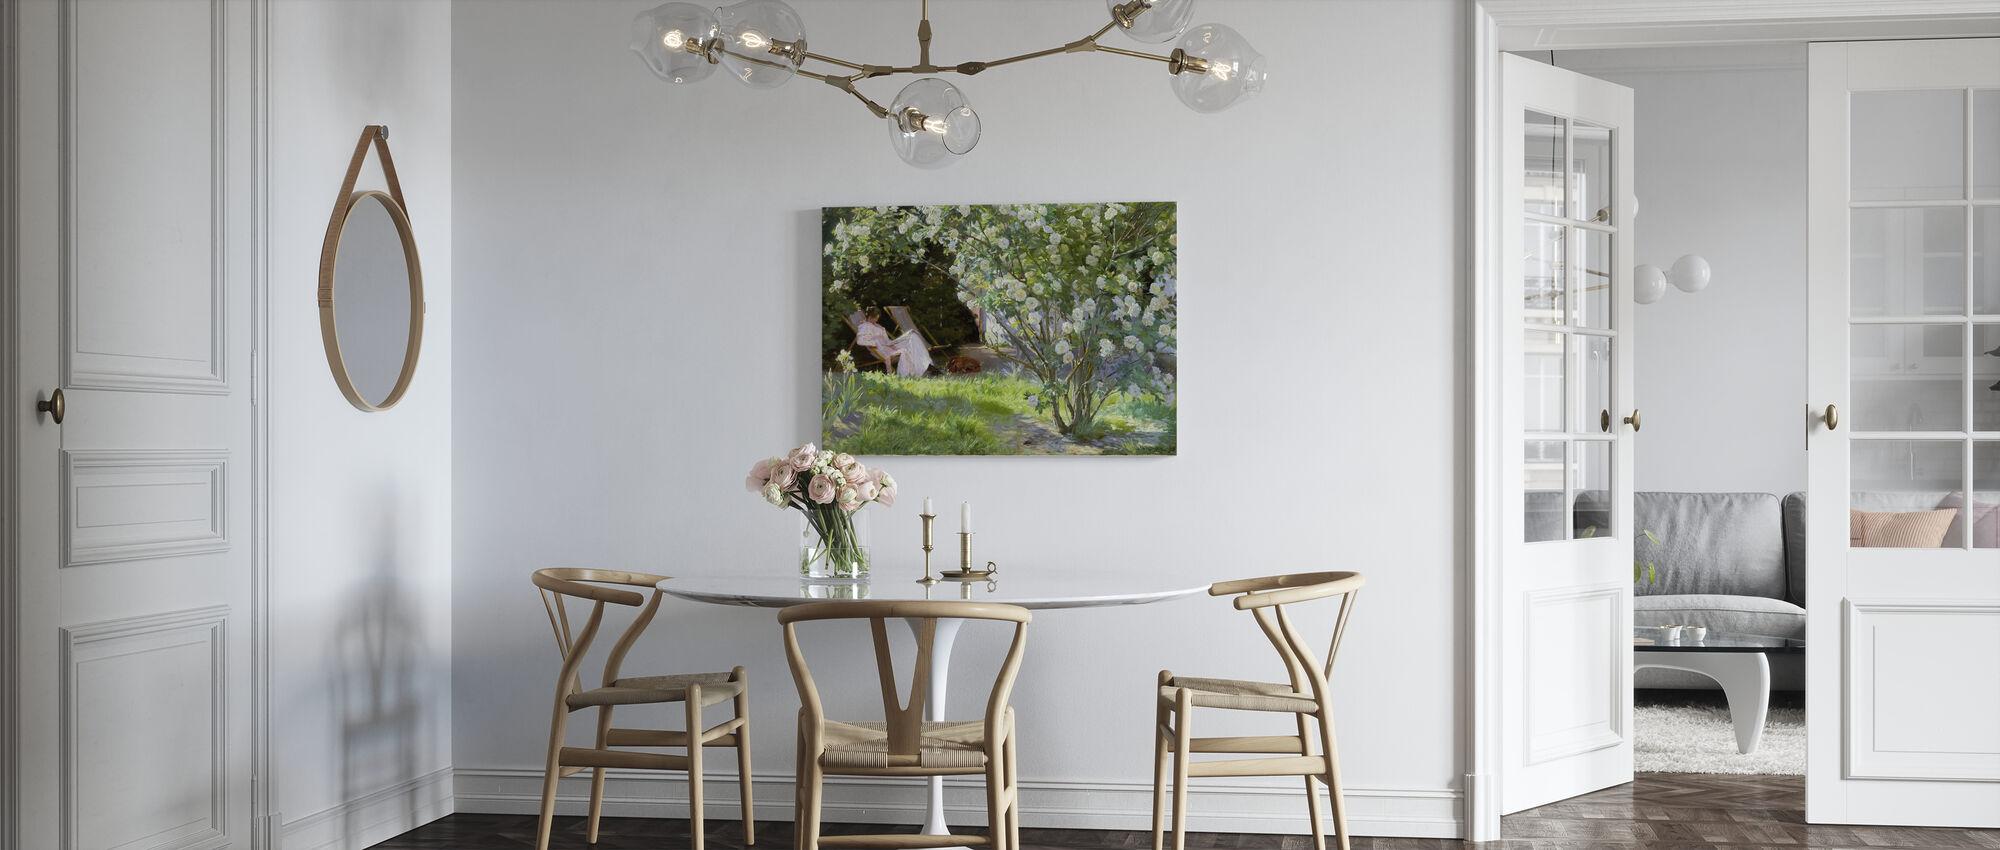 Konstnärens fru i Skagens trädgård - Peder Severin Kroyer - Canvastavla - Kök